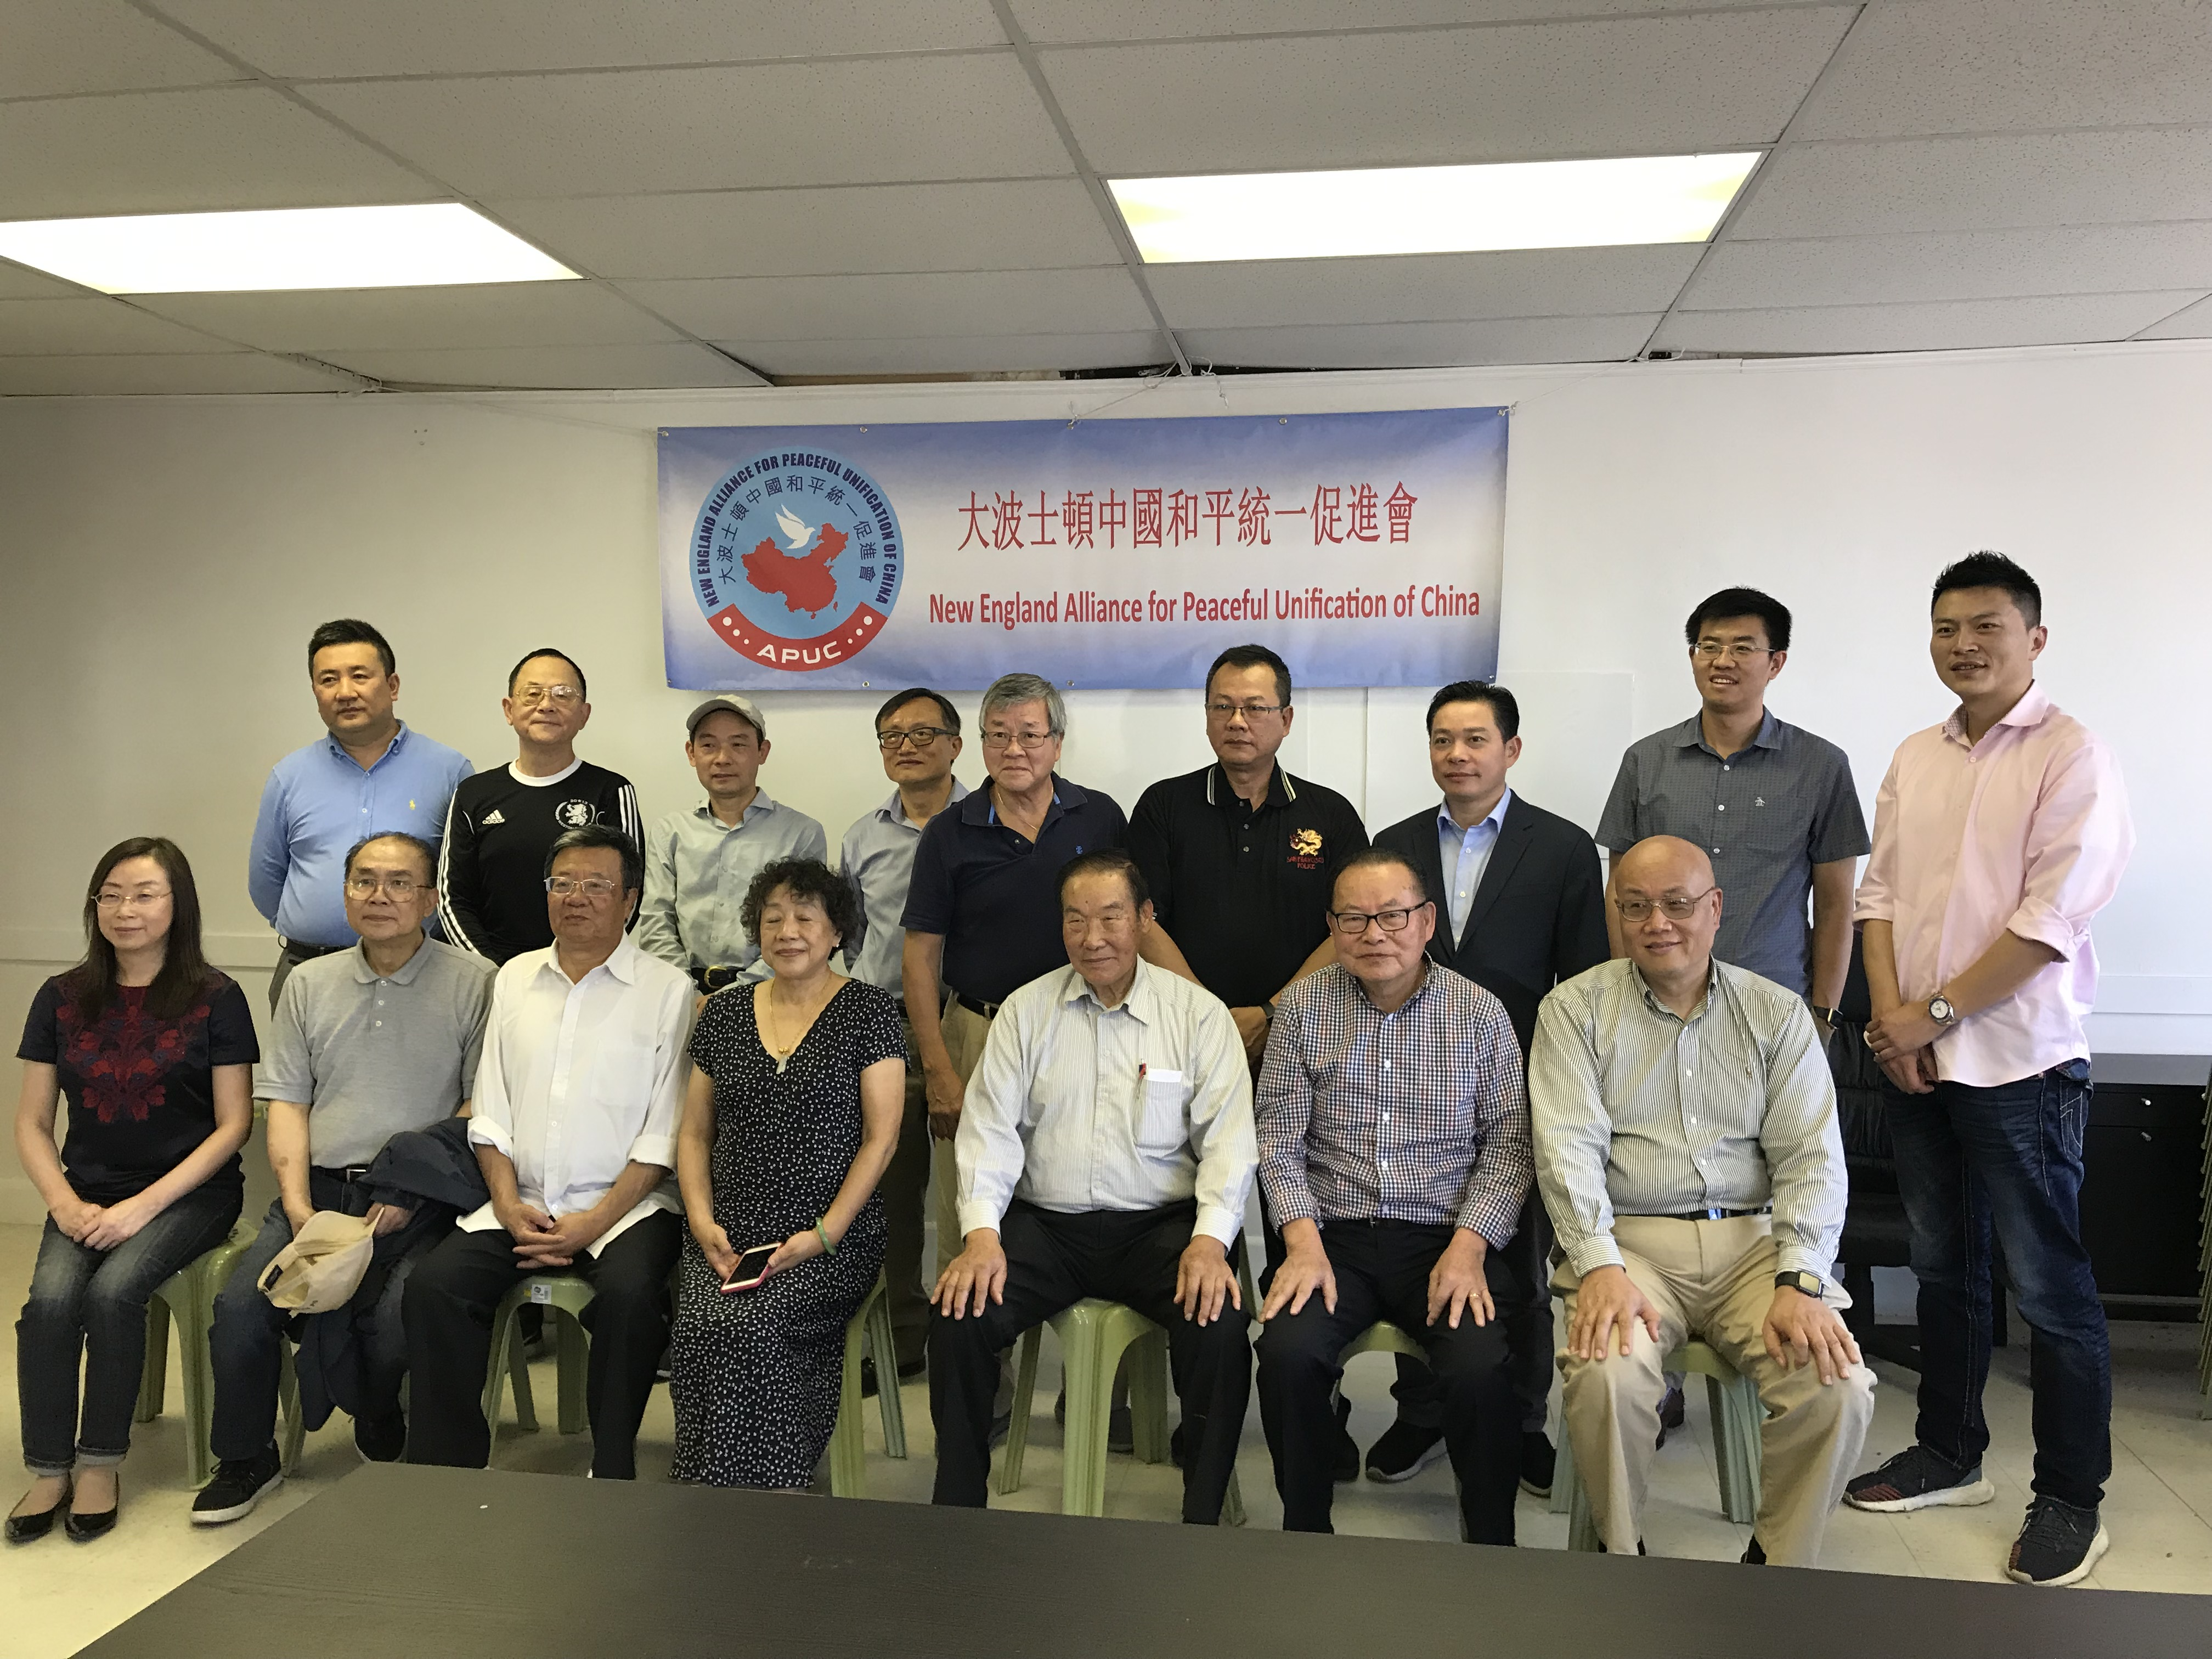 侨领胡运炤博士:中国和平崛起力量将有力推进中国和平统一